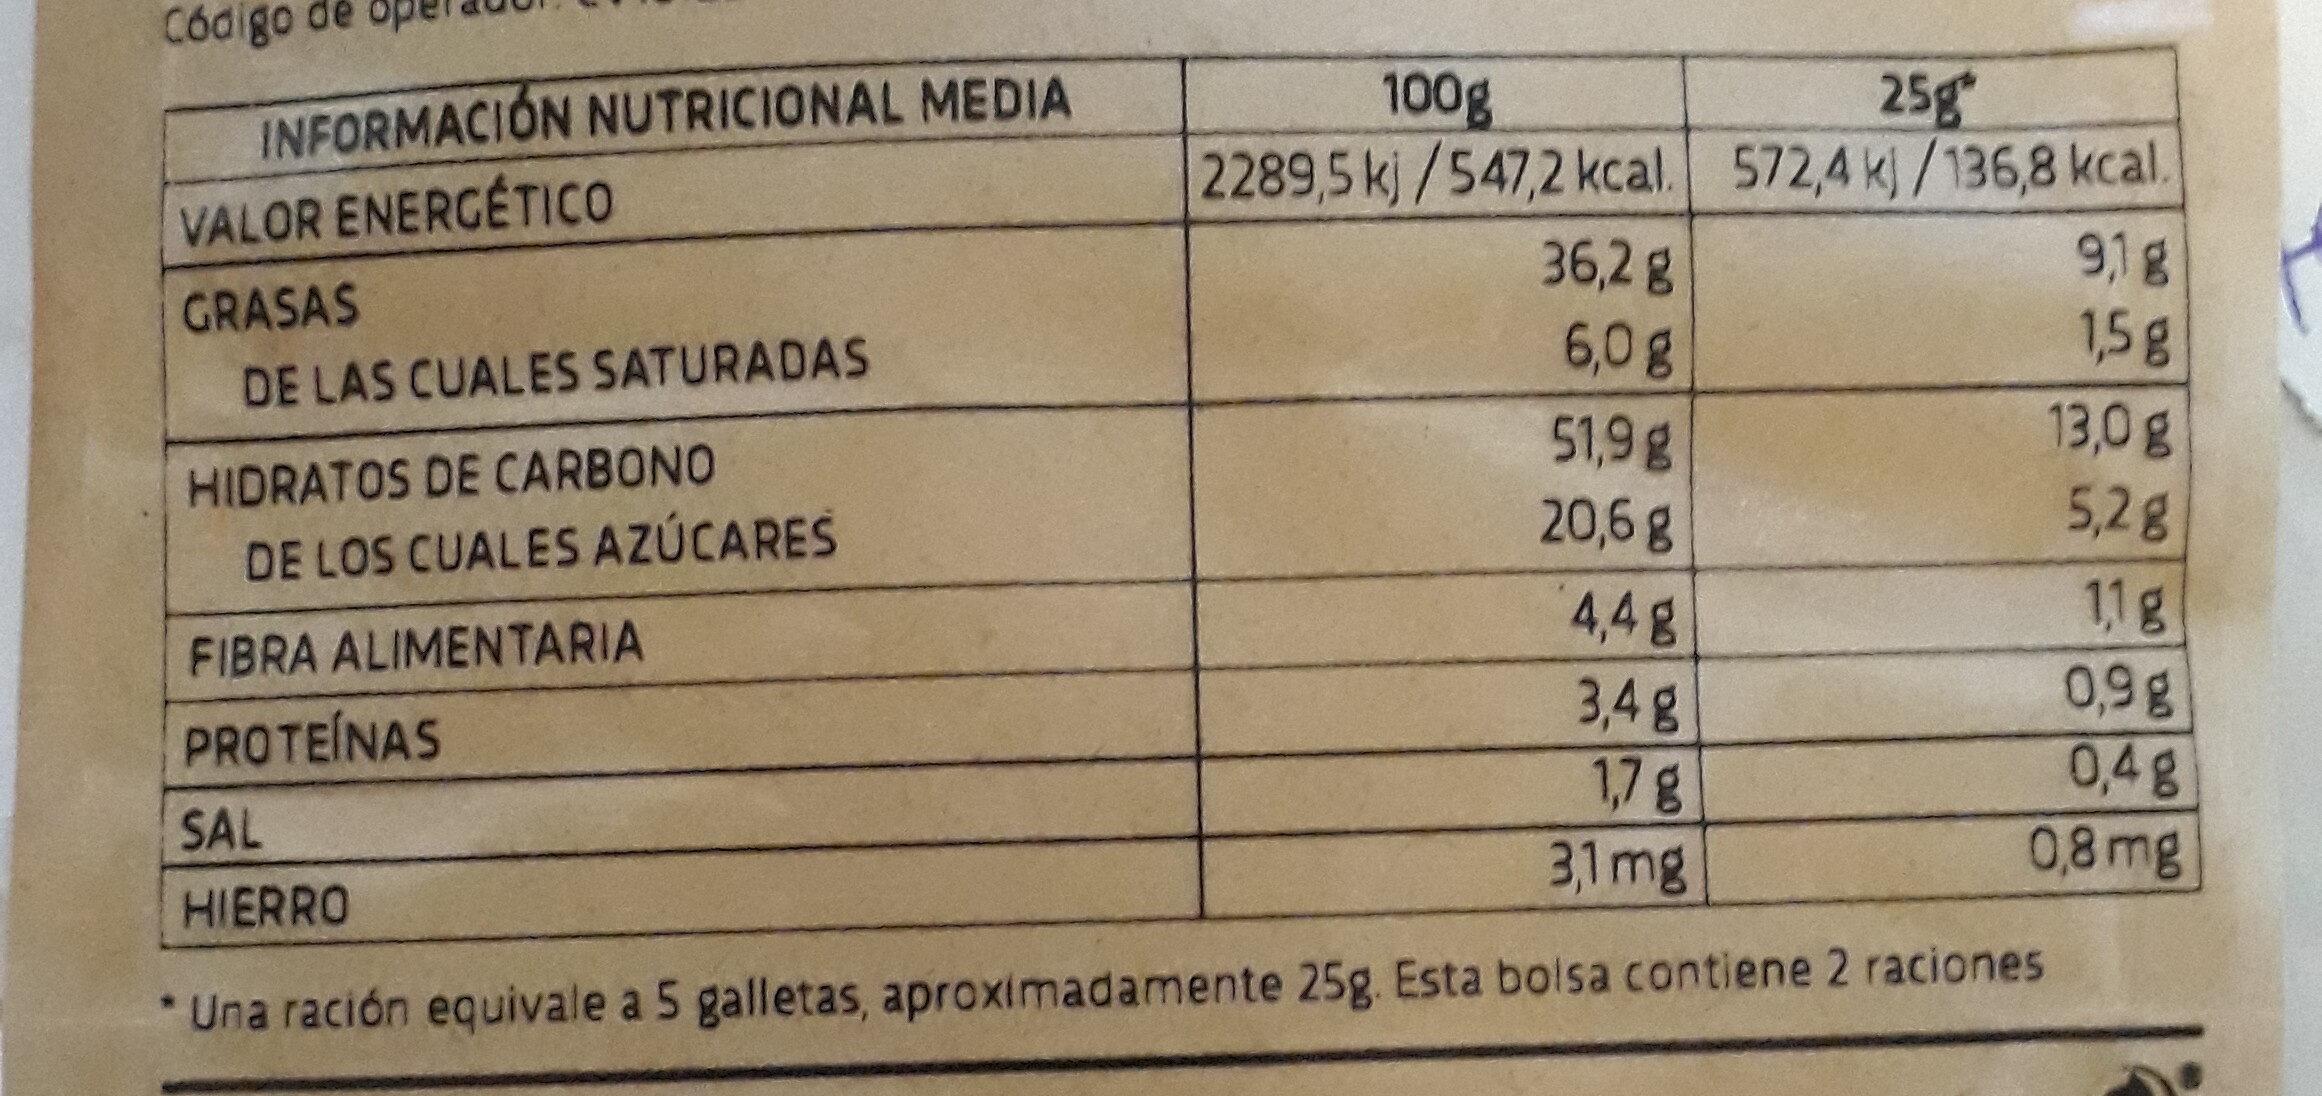 galletas de chufa ecológicas - Información nutricional - es